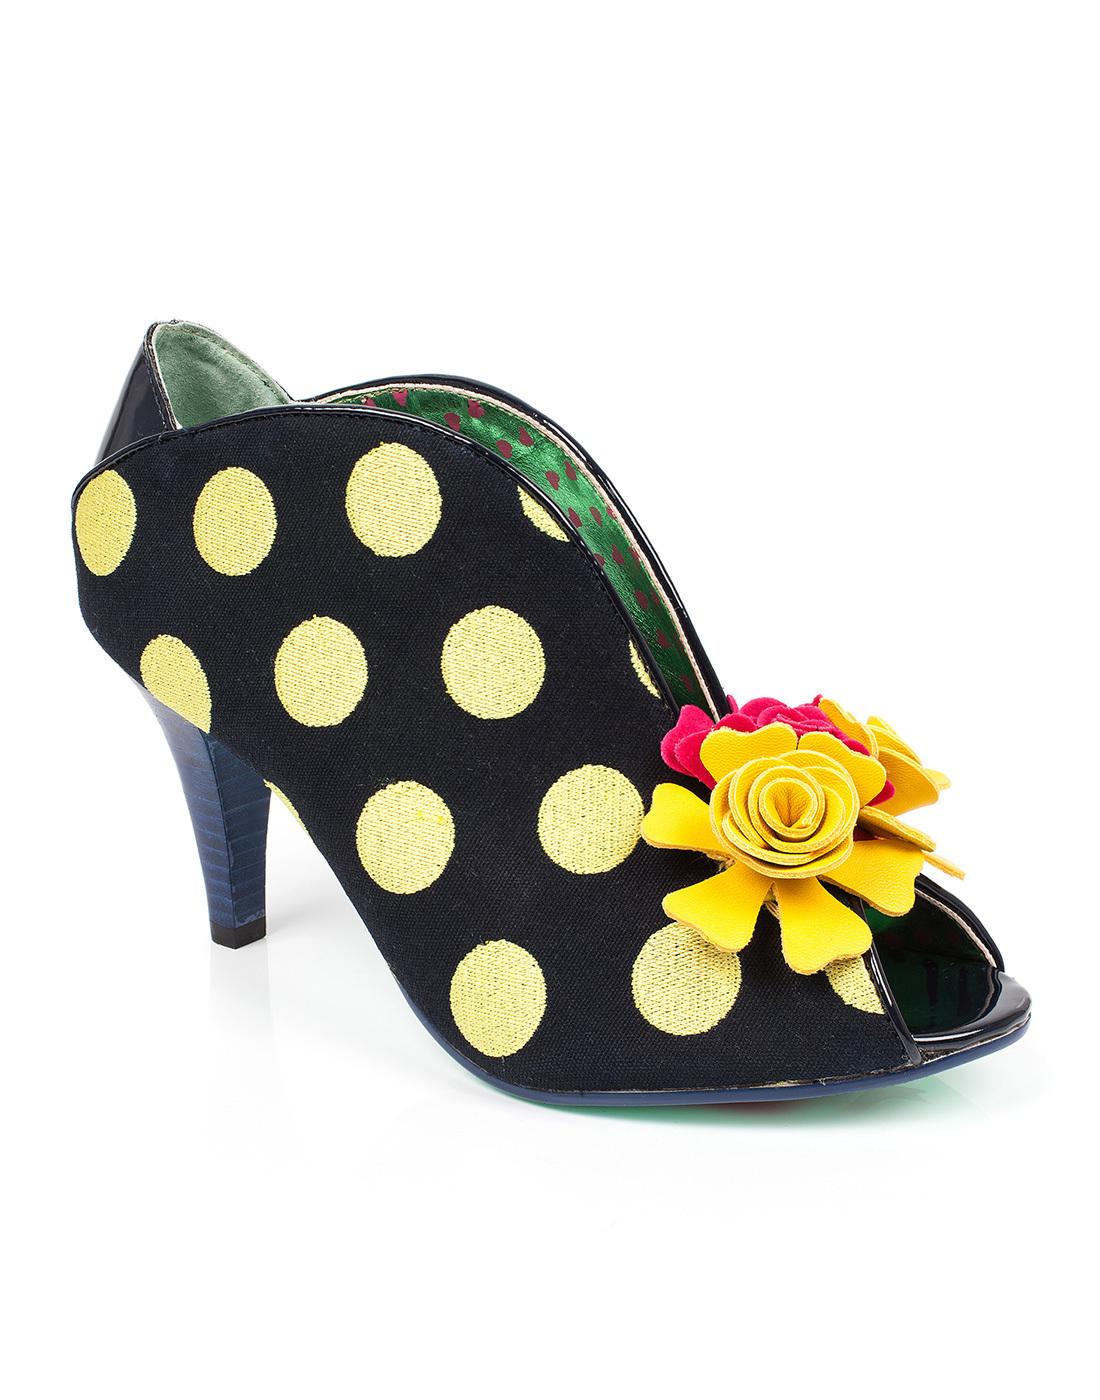 Rekindled Flame POETIC LICENCE Retro Vintage Heels